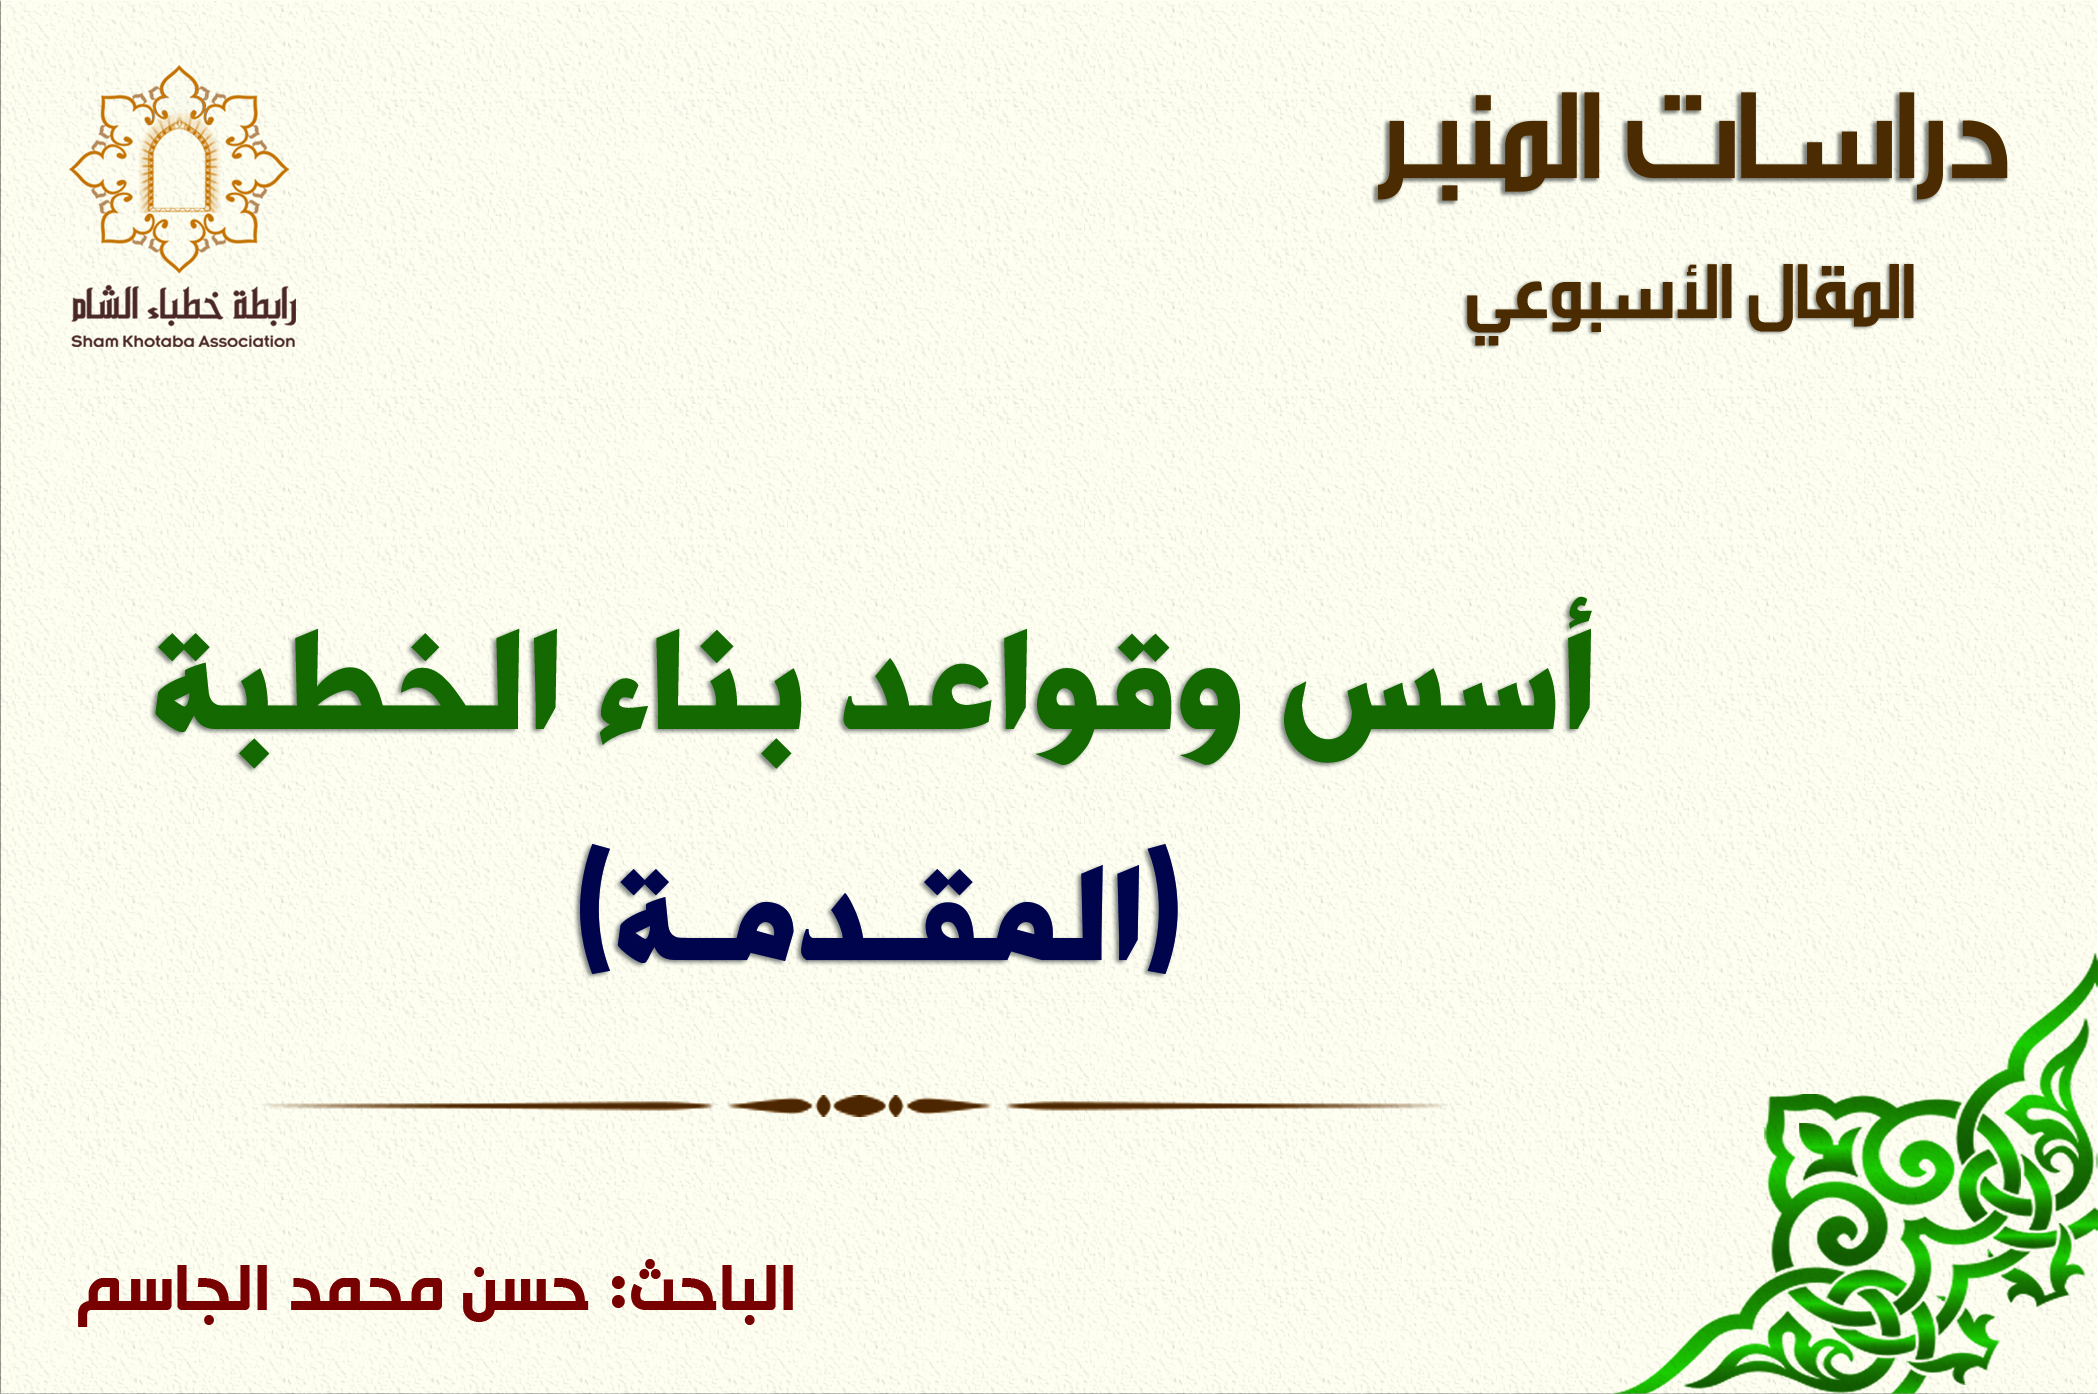 أسس وقواعد بناء الخطبة المقدمة رابطة خطباء الشام